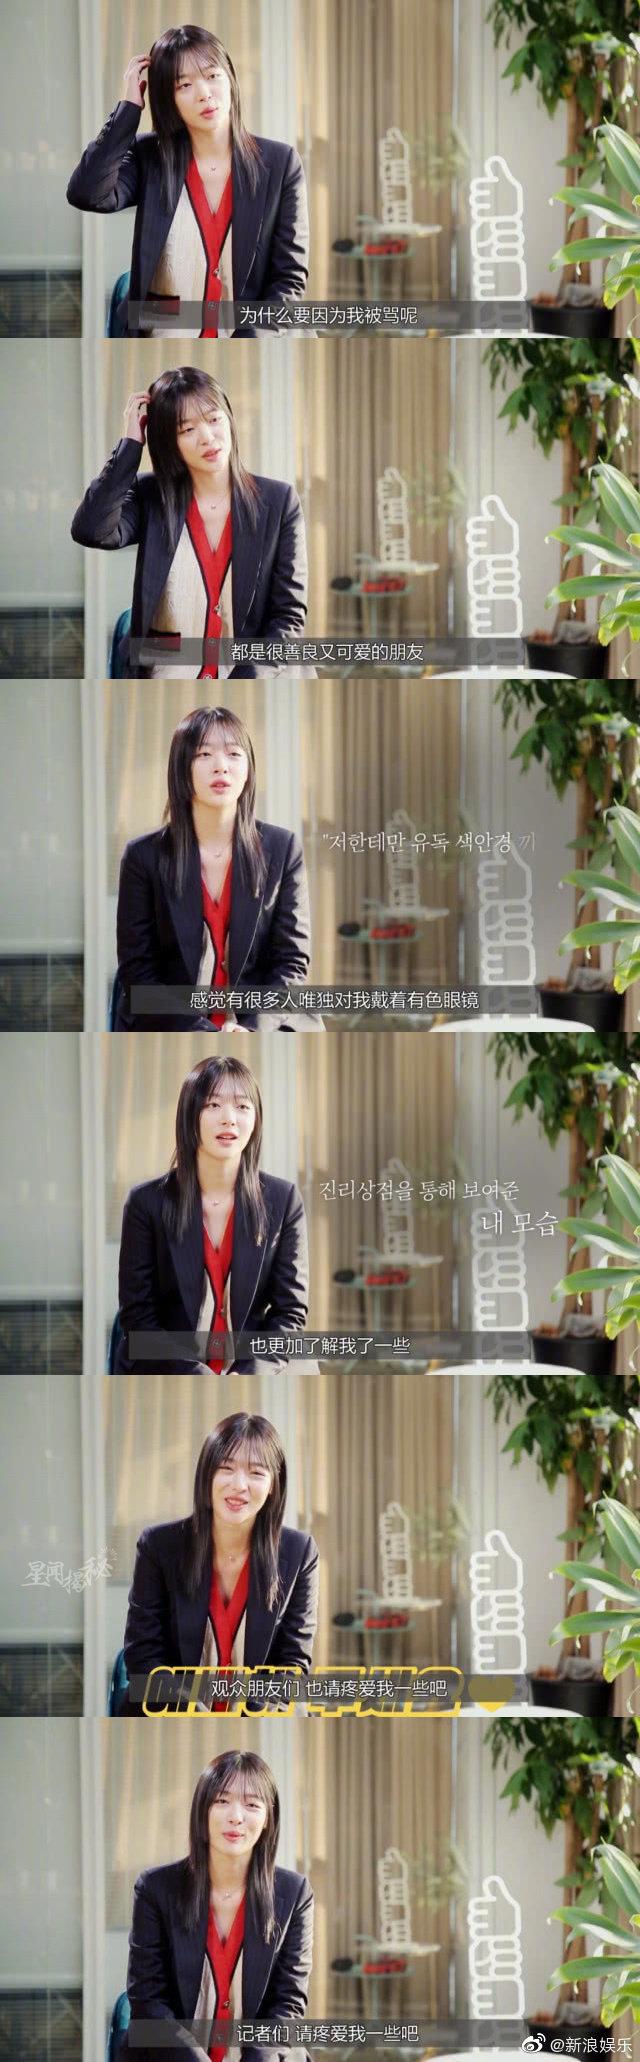 韩国女星崔雪莉确认自杀死亡 嗨头条 第4张